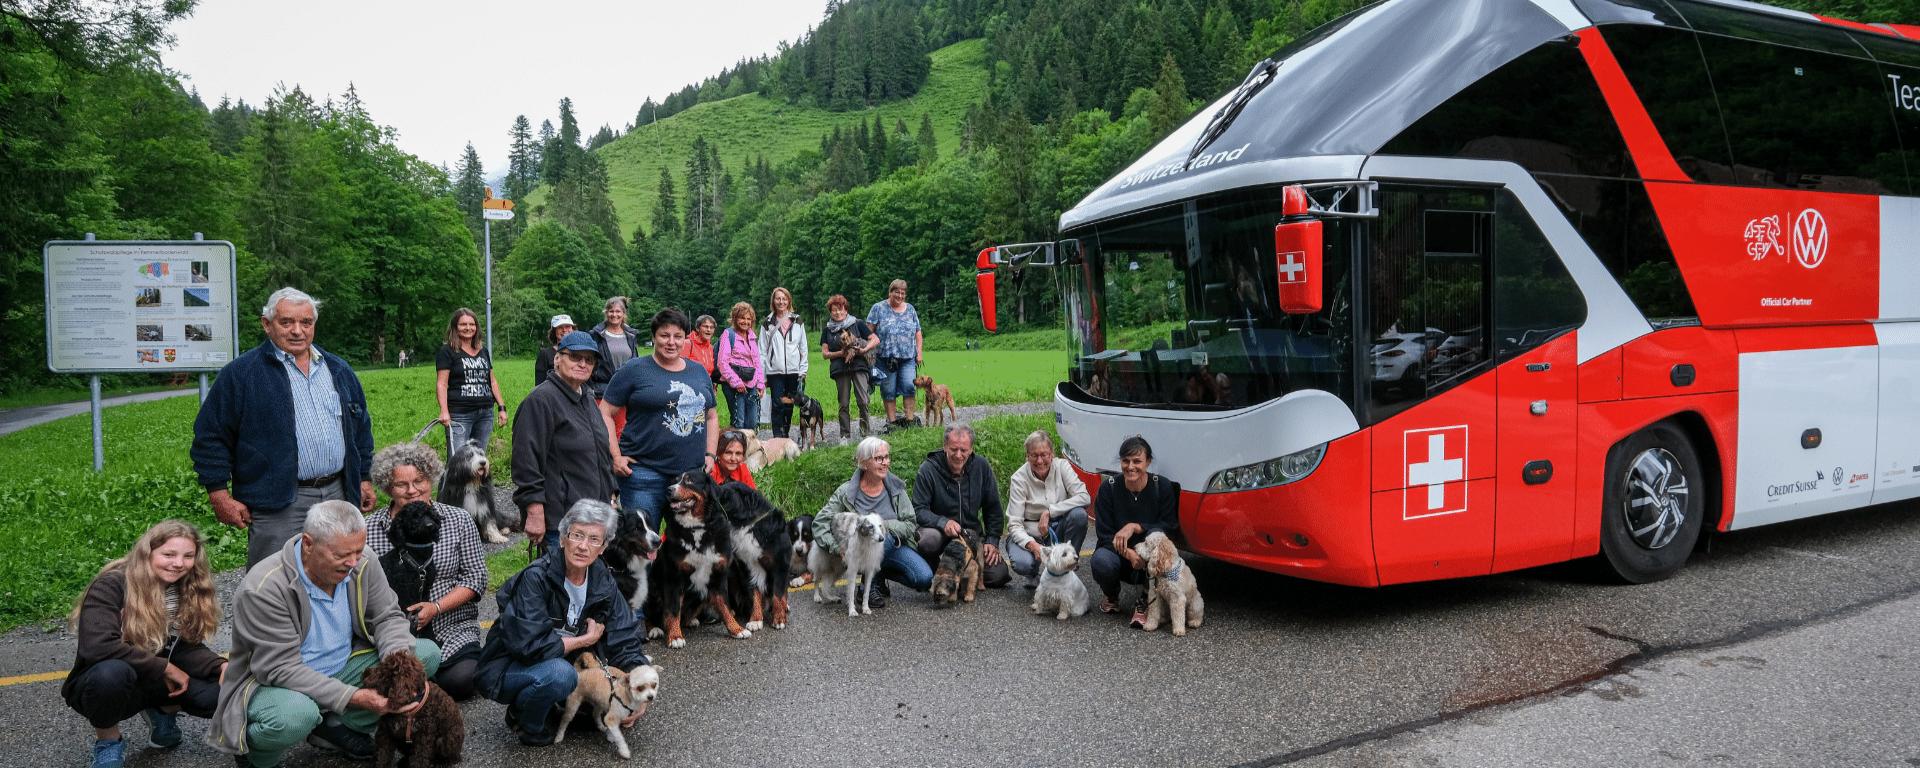 Hundereise im Kemmeribodenbad 2021